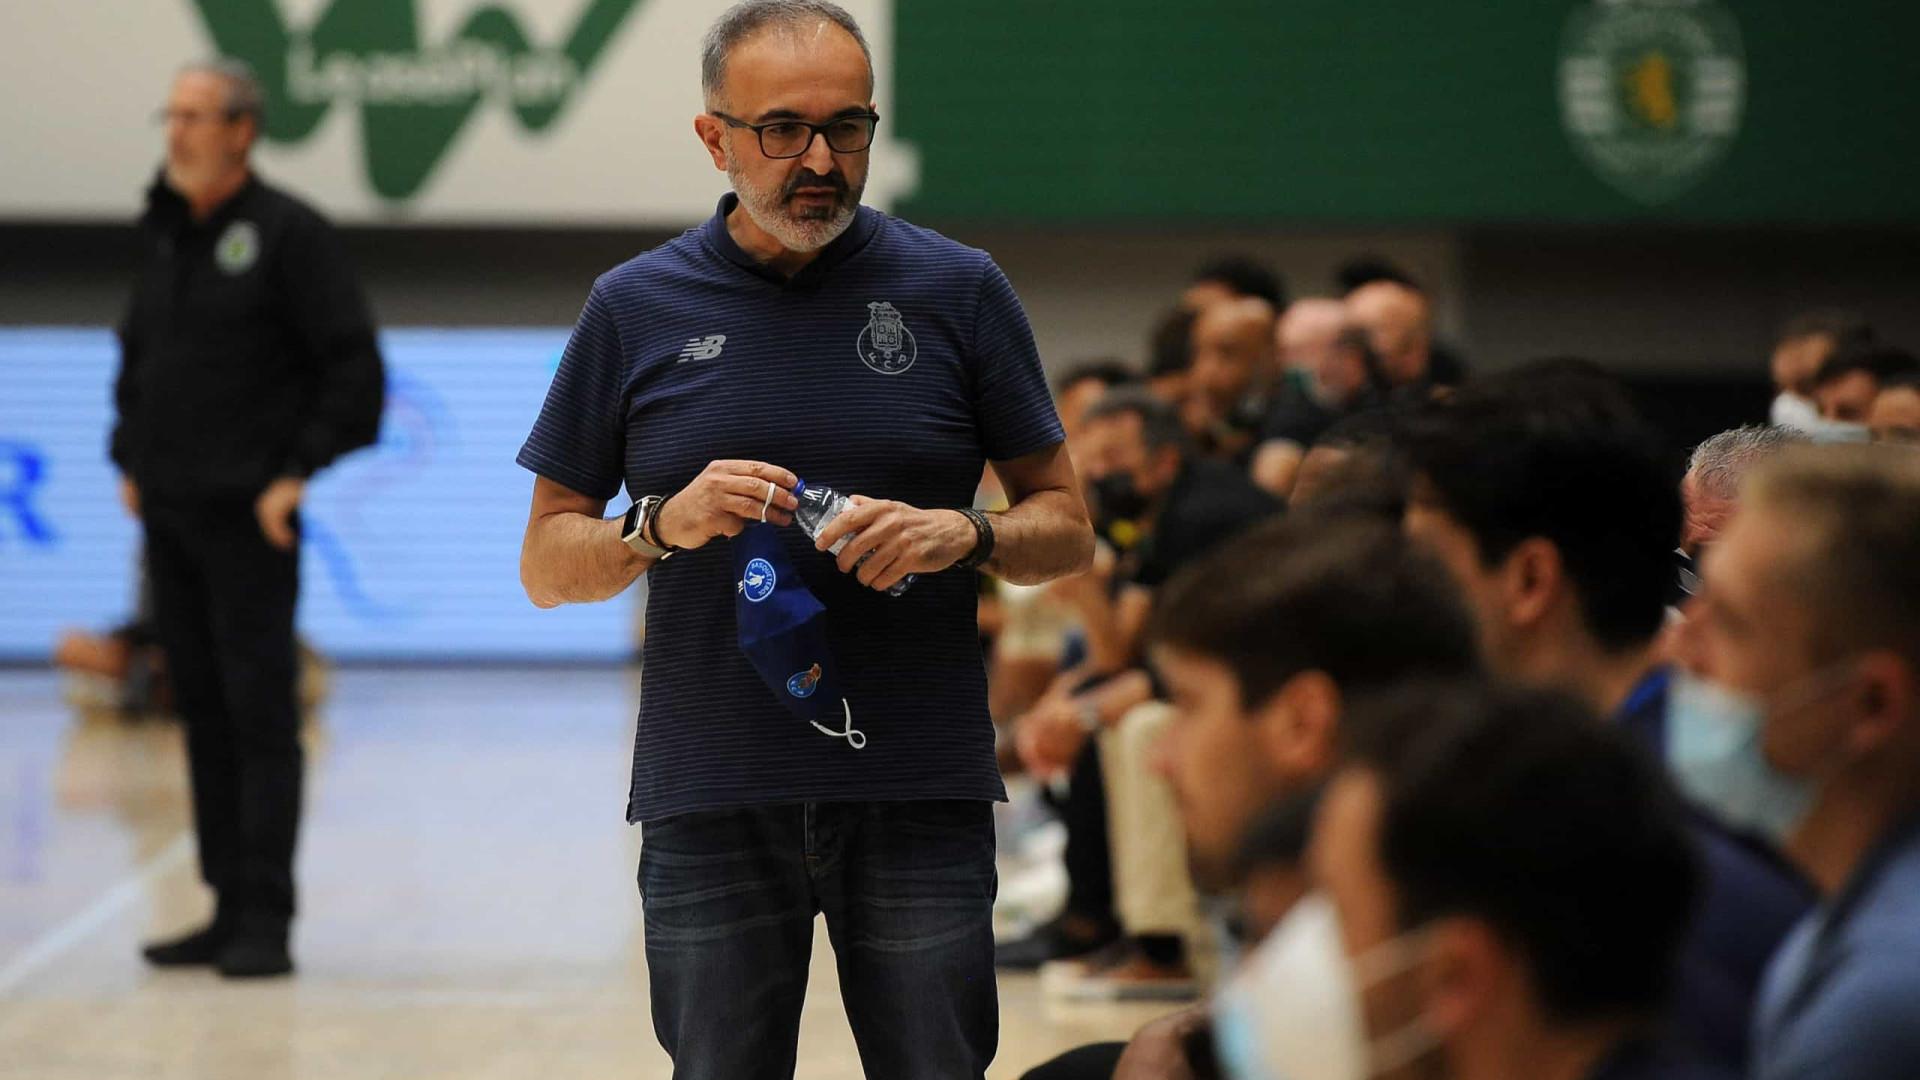 Basquetebol: FC Porto recusa jogar contra a Ovarense por causa de árbitro